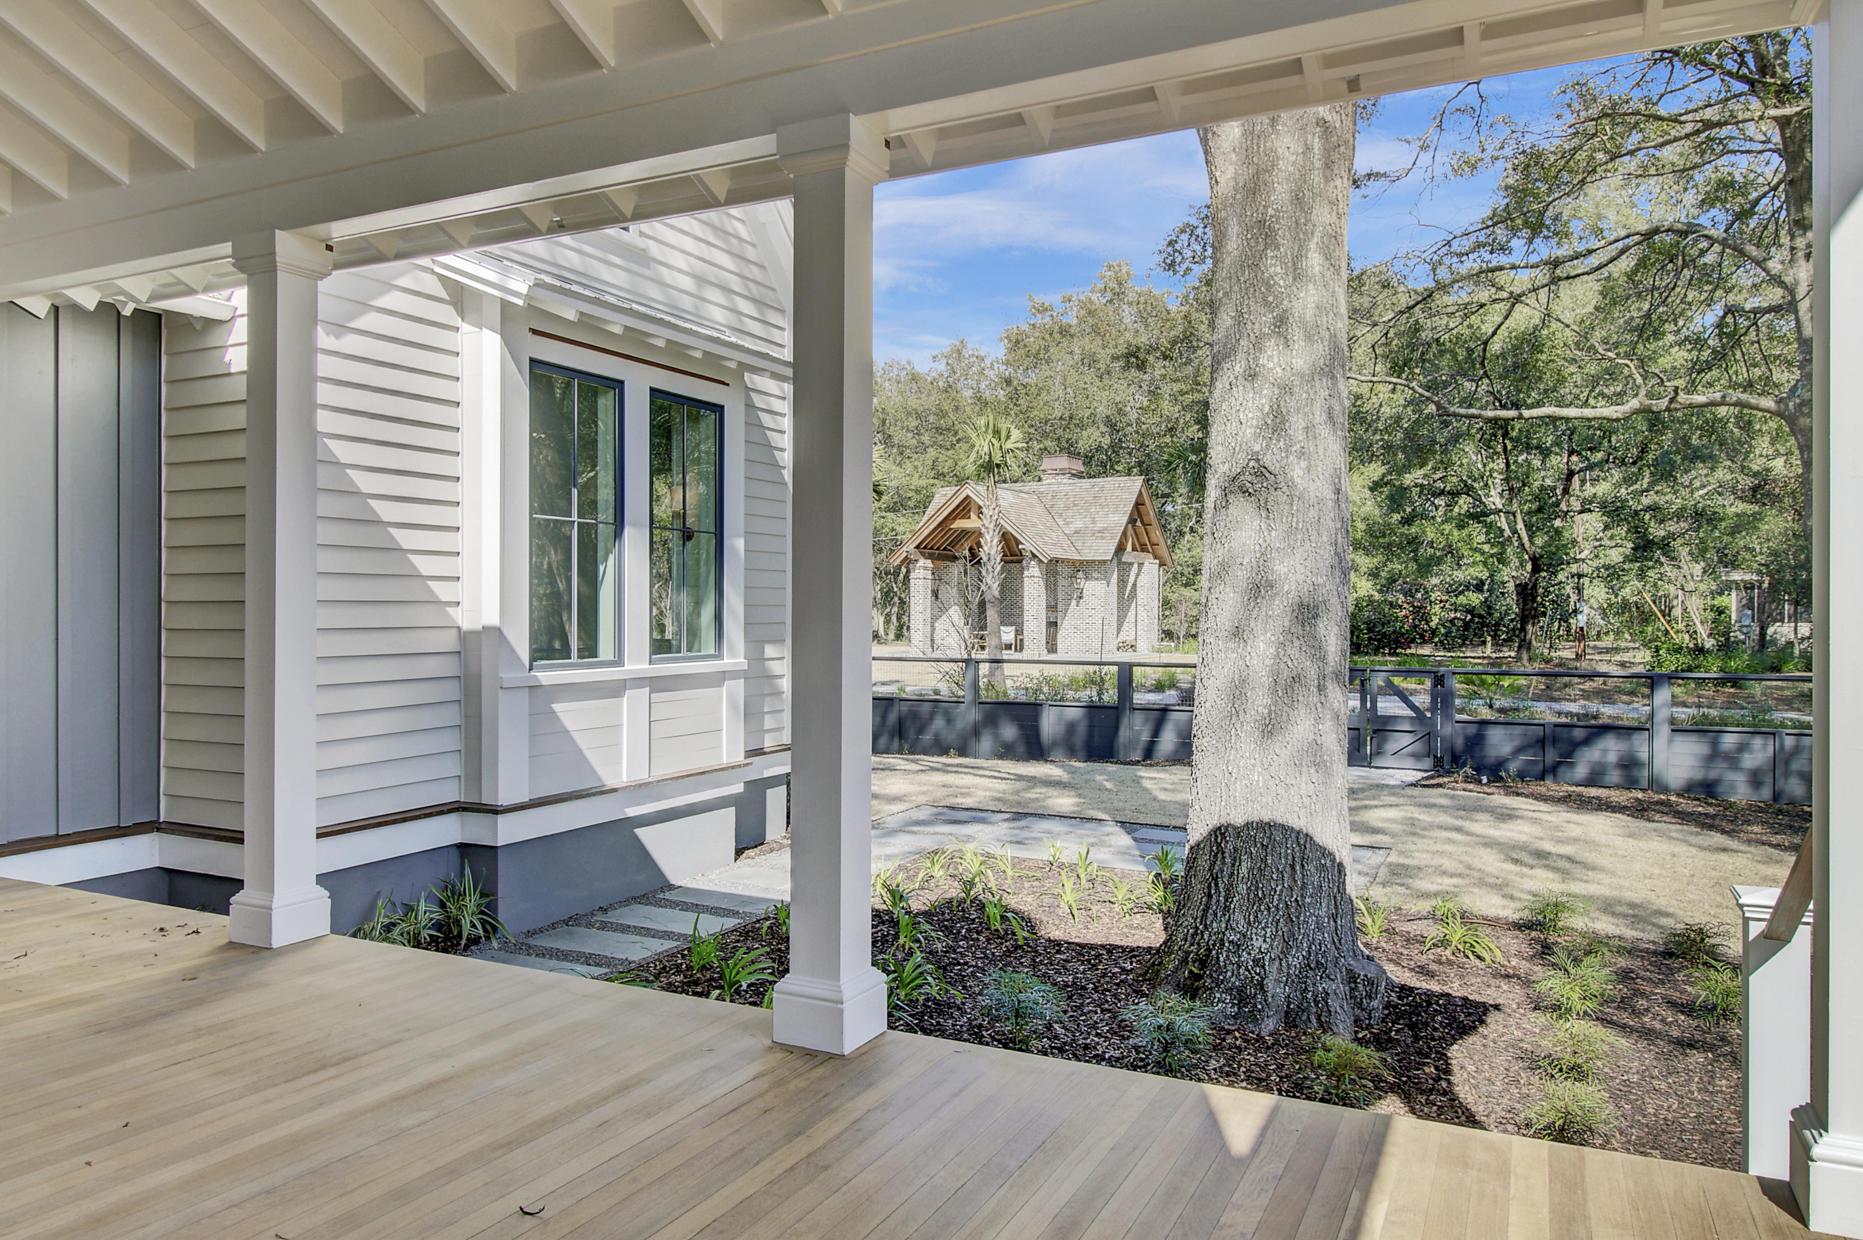 Old Mt Pleasant Homes For Sale - 1416 Jackson, Mount Pleasant, SC - 7